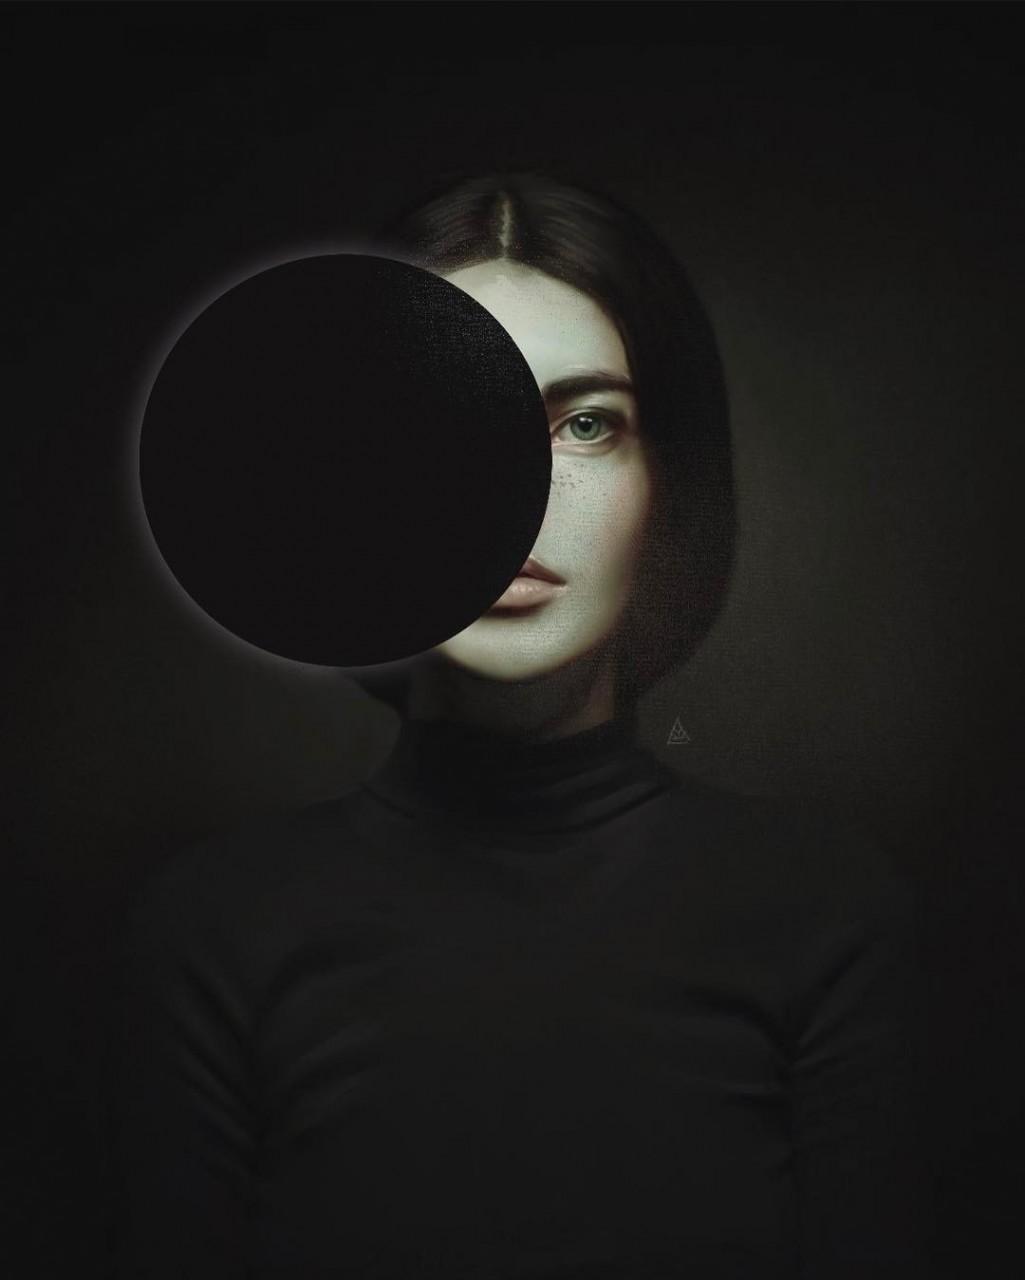 Символы и визуальные метафоры